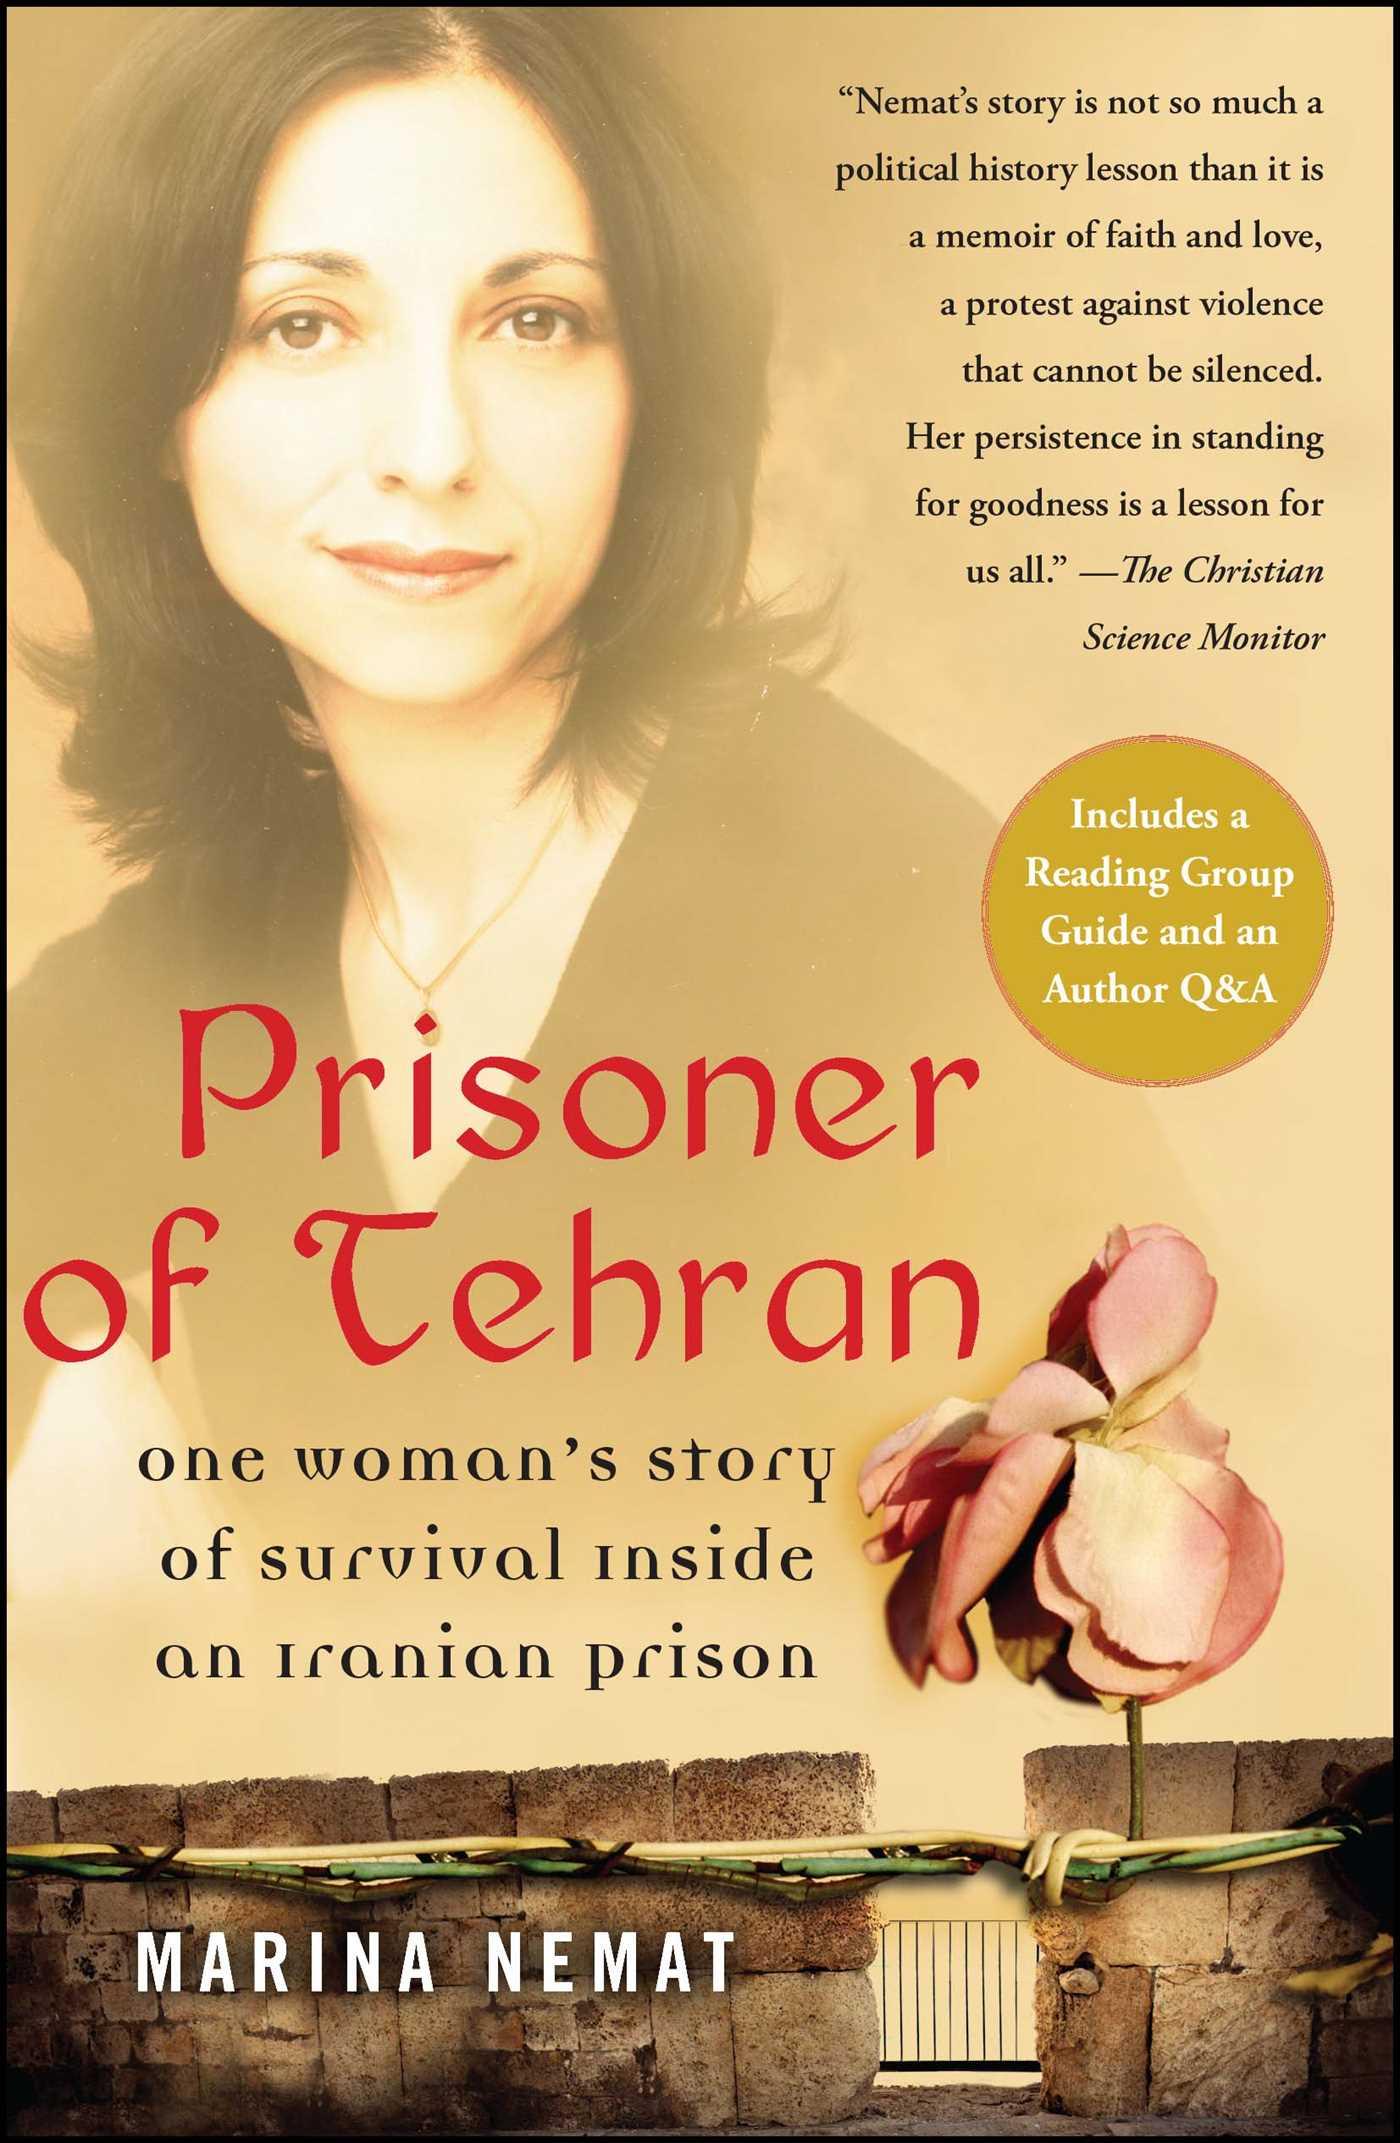 Prisoner of tehran 9781416537434 hr